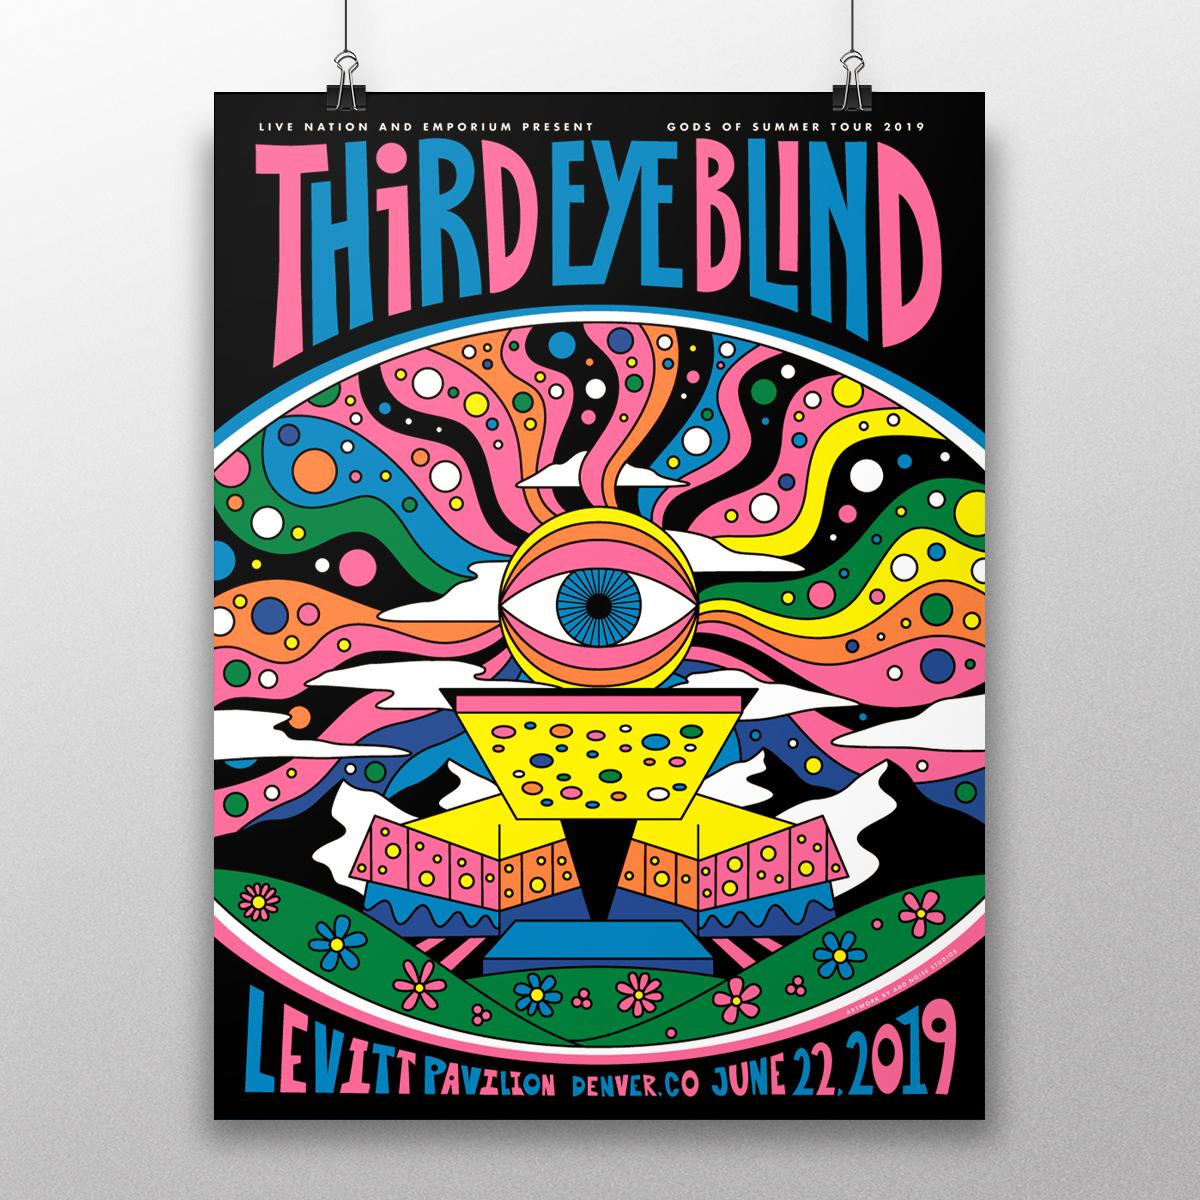 third eye blind levitt pavilion denver co add noise studios